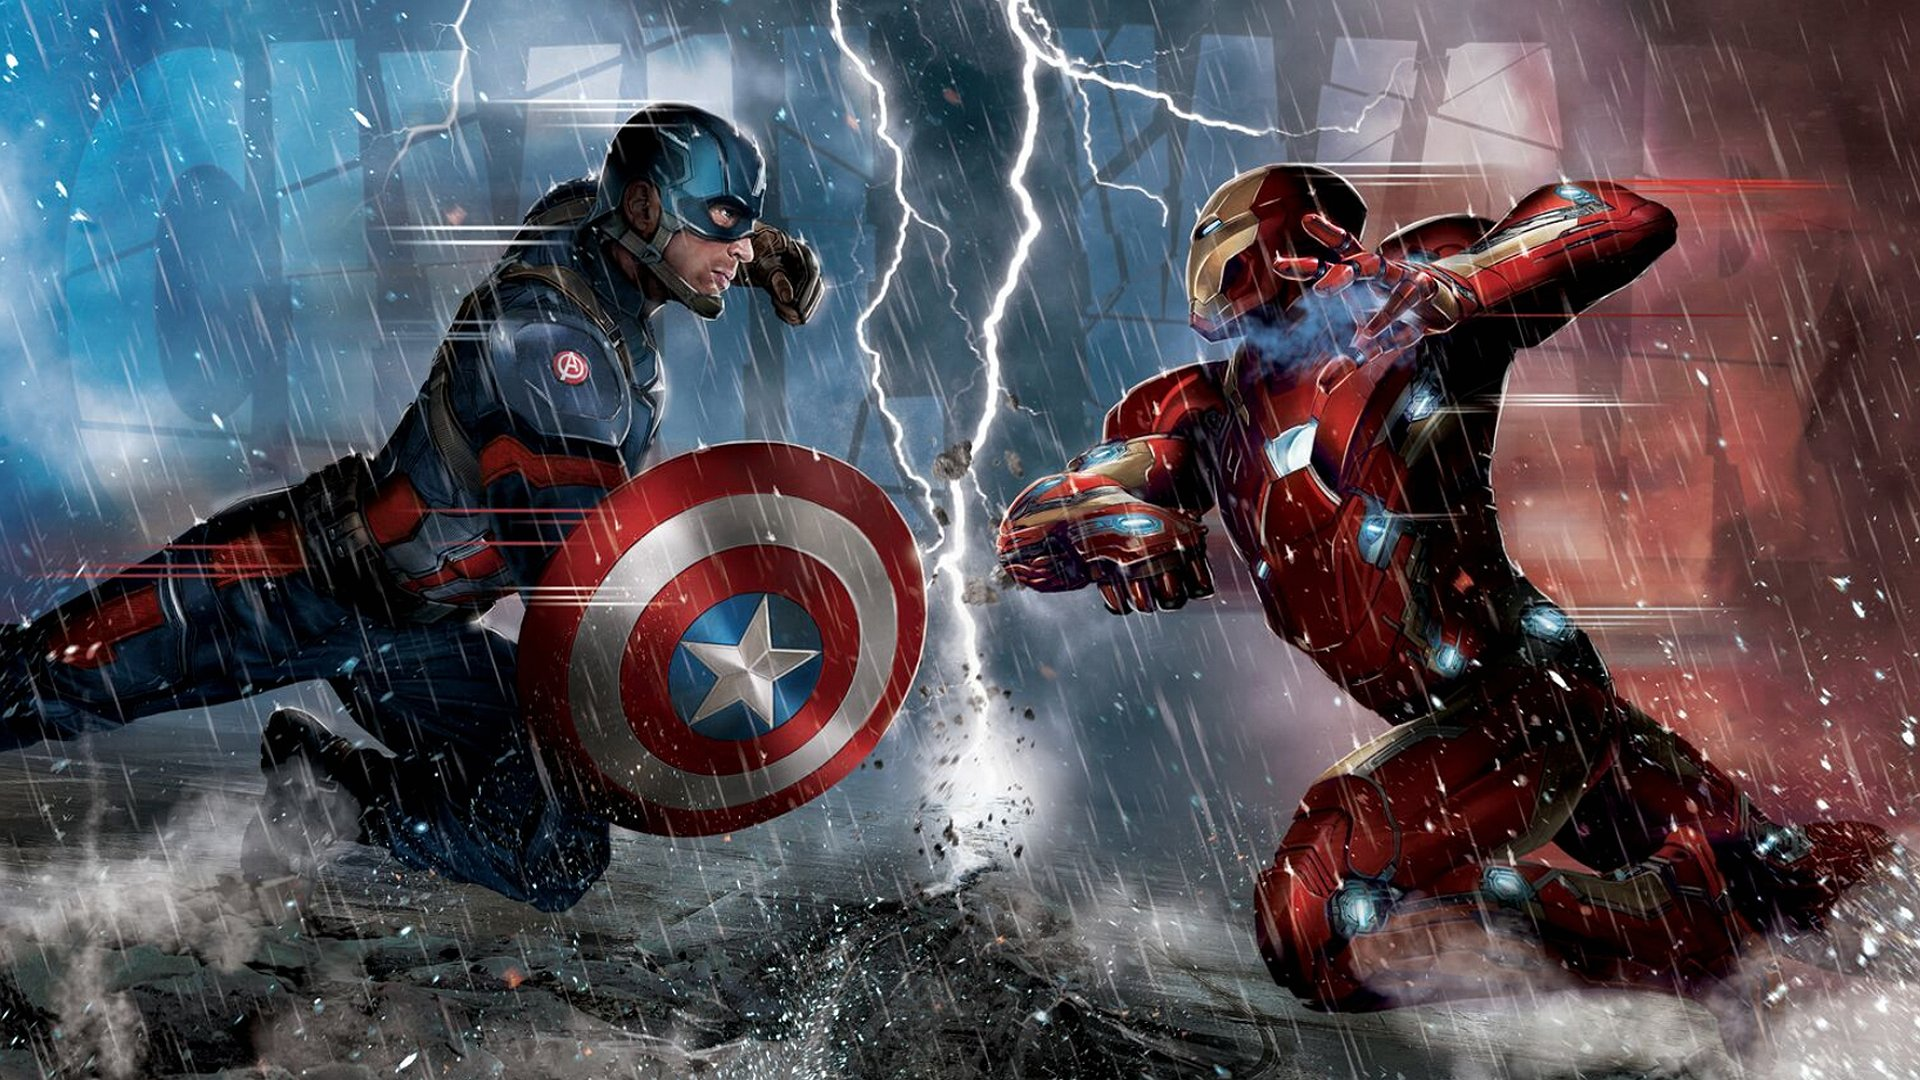 Captain america 3 civil war marvel superhero action - Avengers civil war wallpaper ...